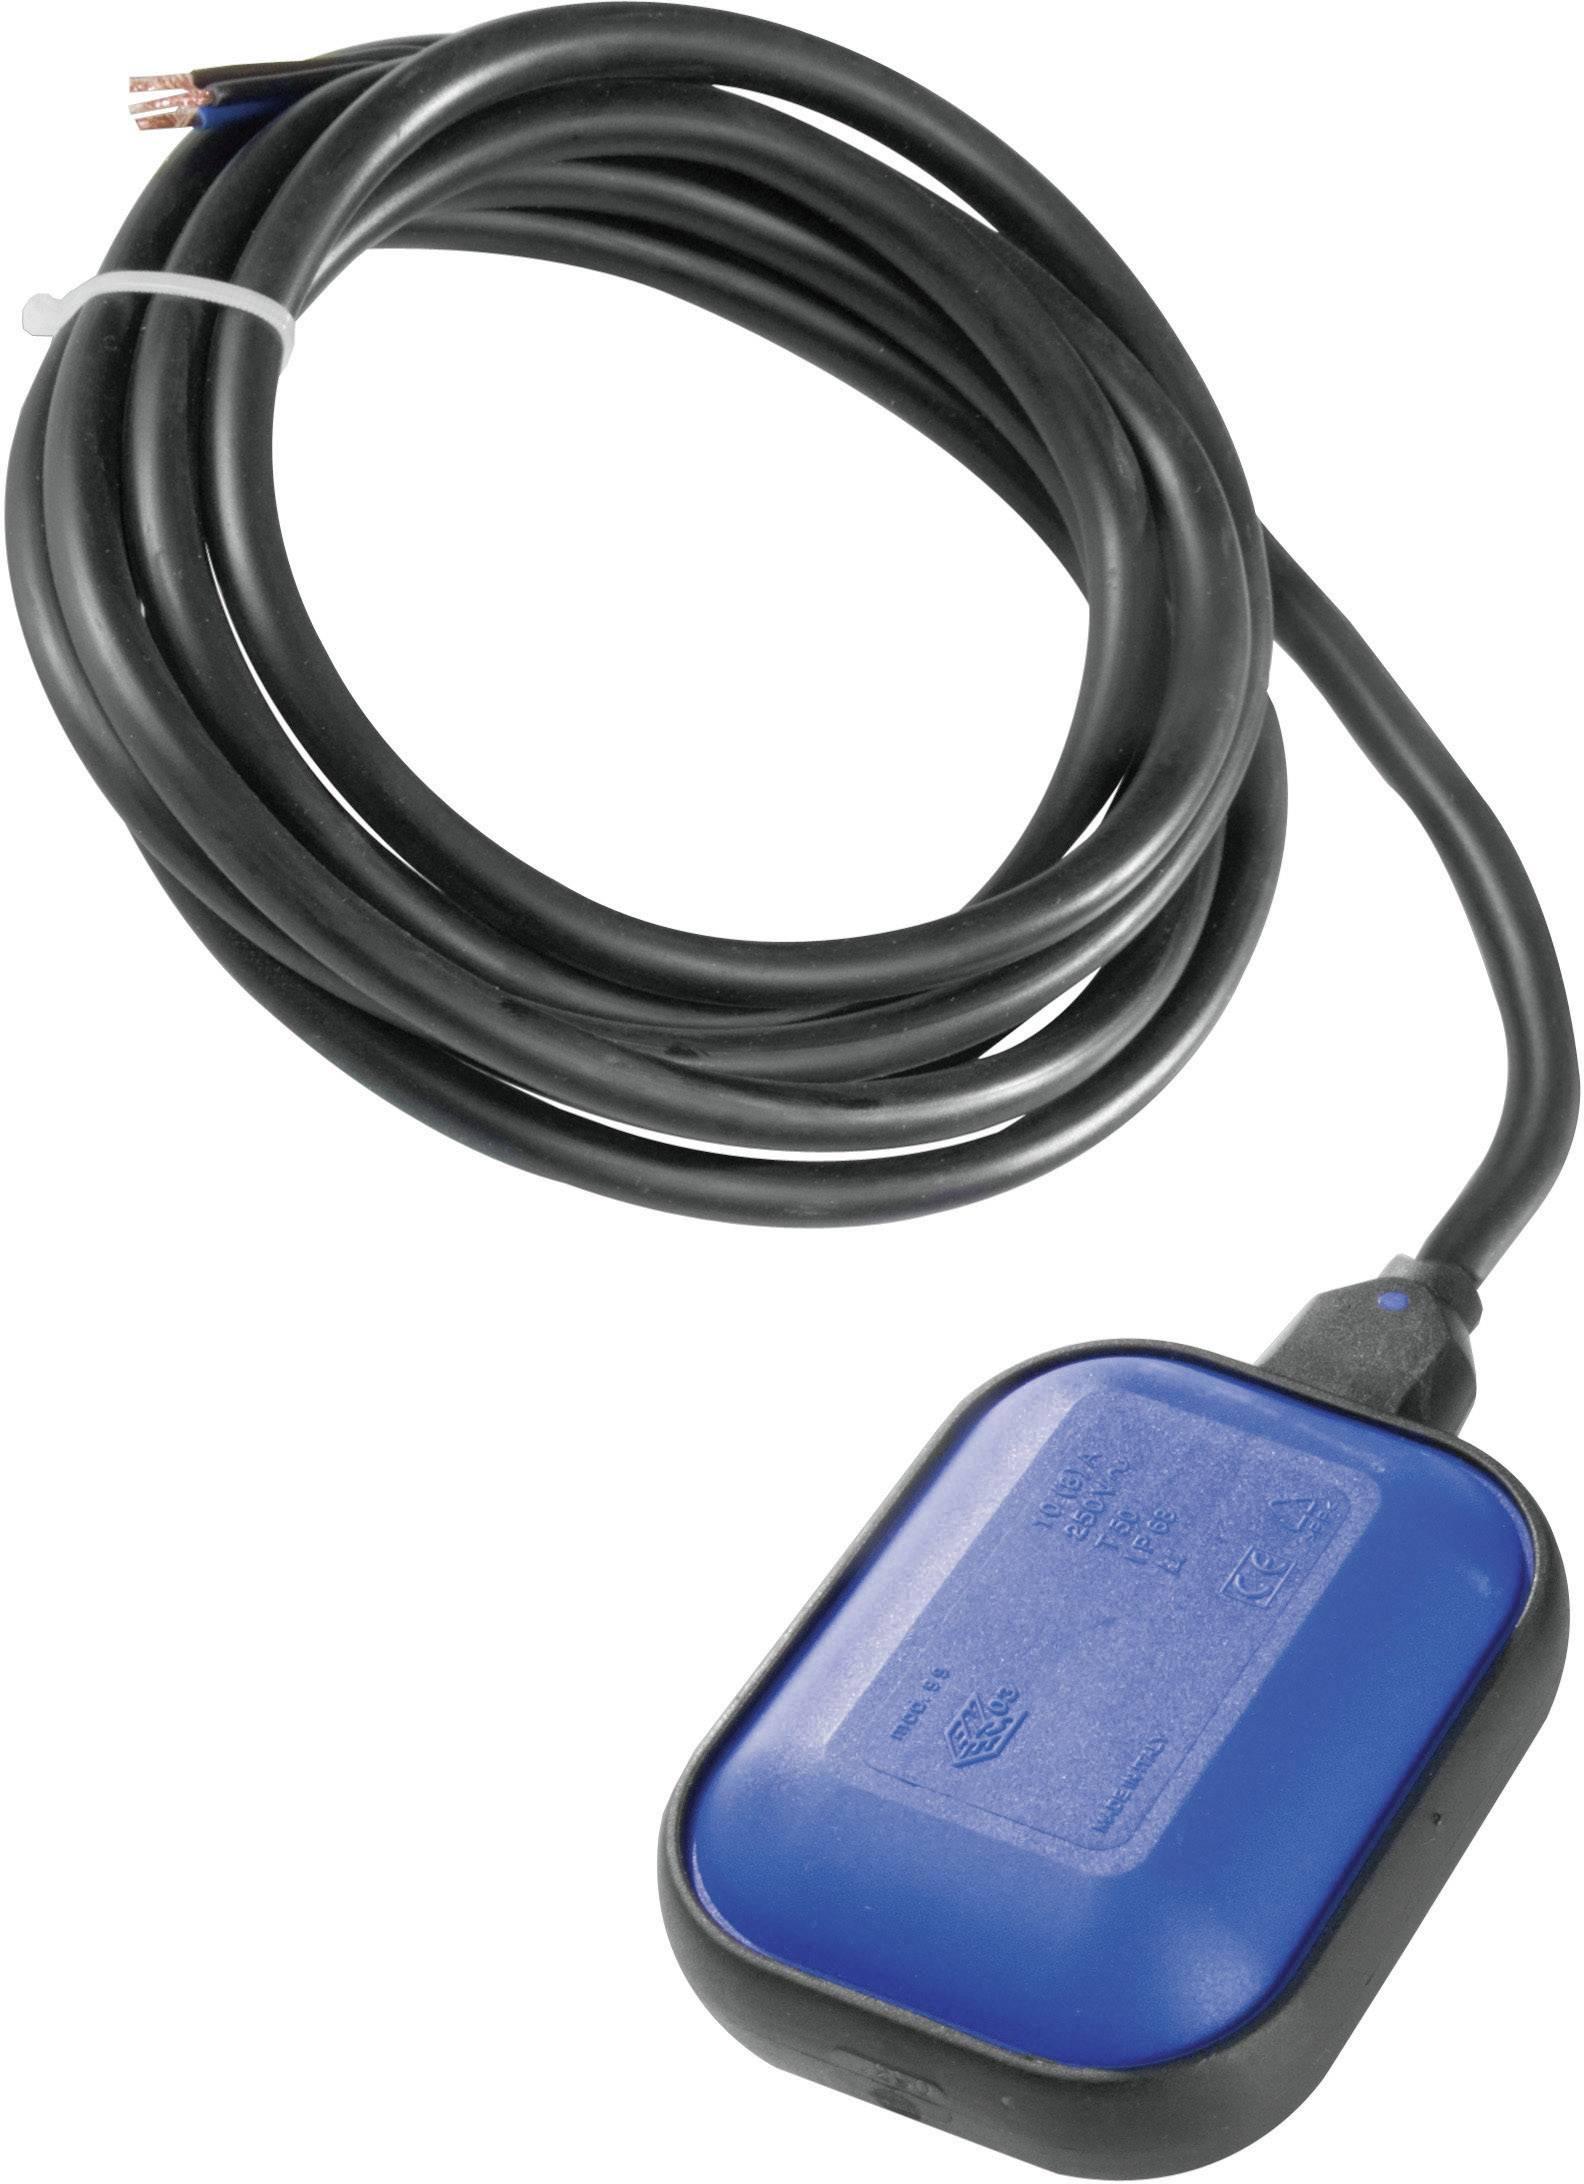 Plavákový spínač pre napúšťanie/vypúšťanie Wallair 1CLRLG04/15PVC, 15 m, modrý